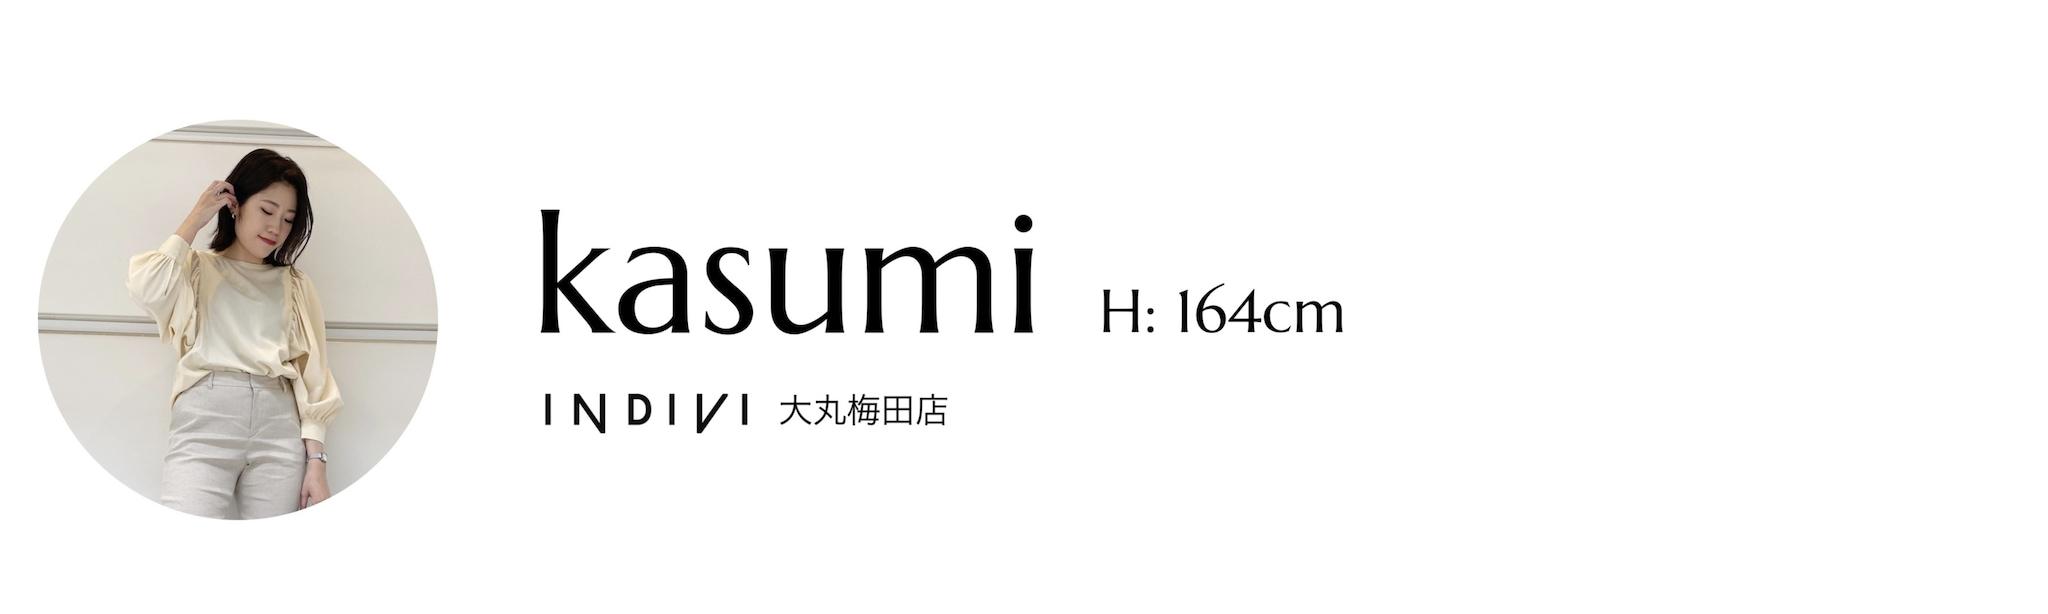 2104_アイコン 寺本.jpg